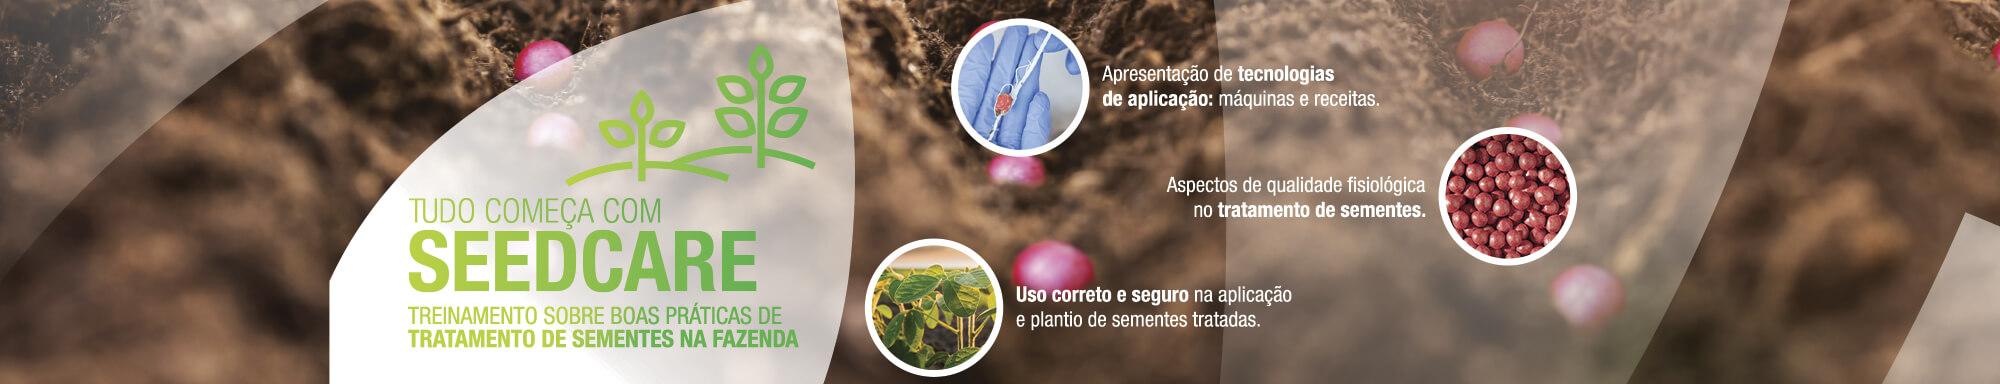 Tudo começa com Seedcare. Treinamento sobre boas práticas de tratamento de sementes na fazenda.